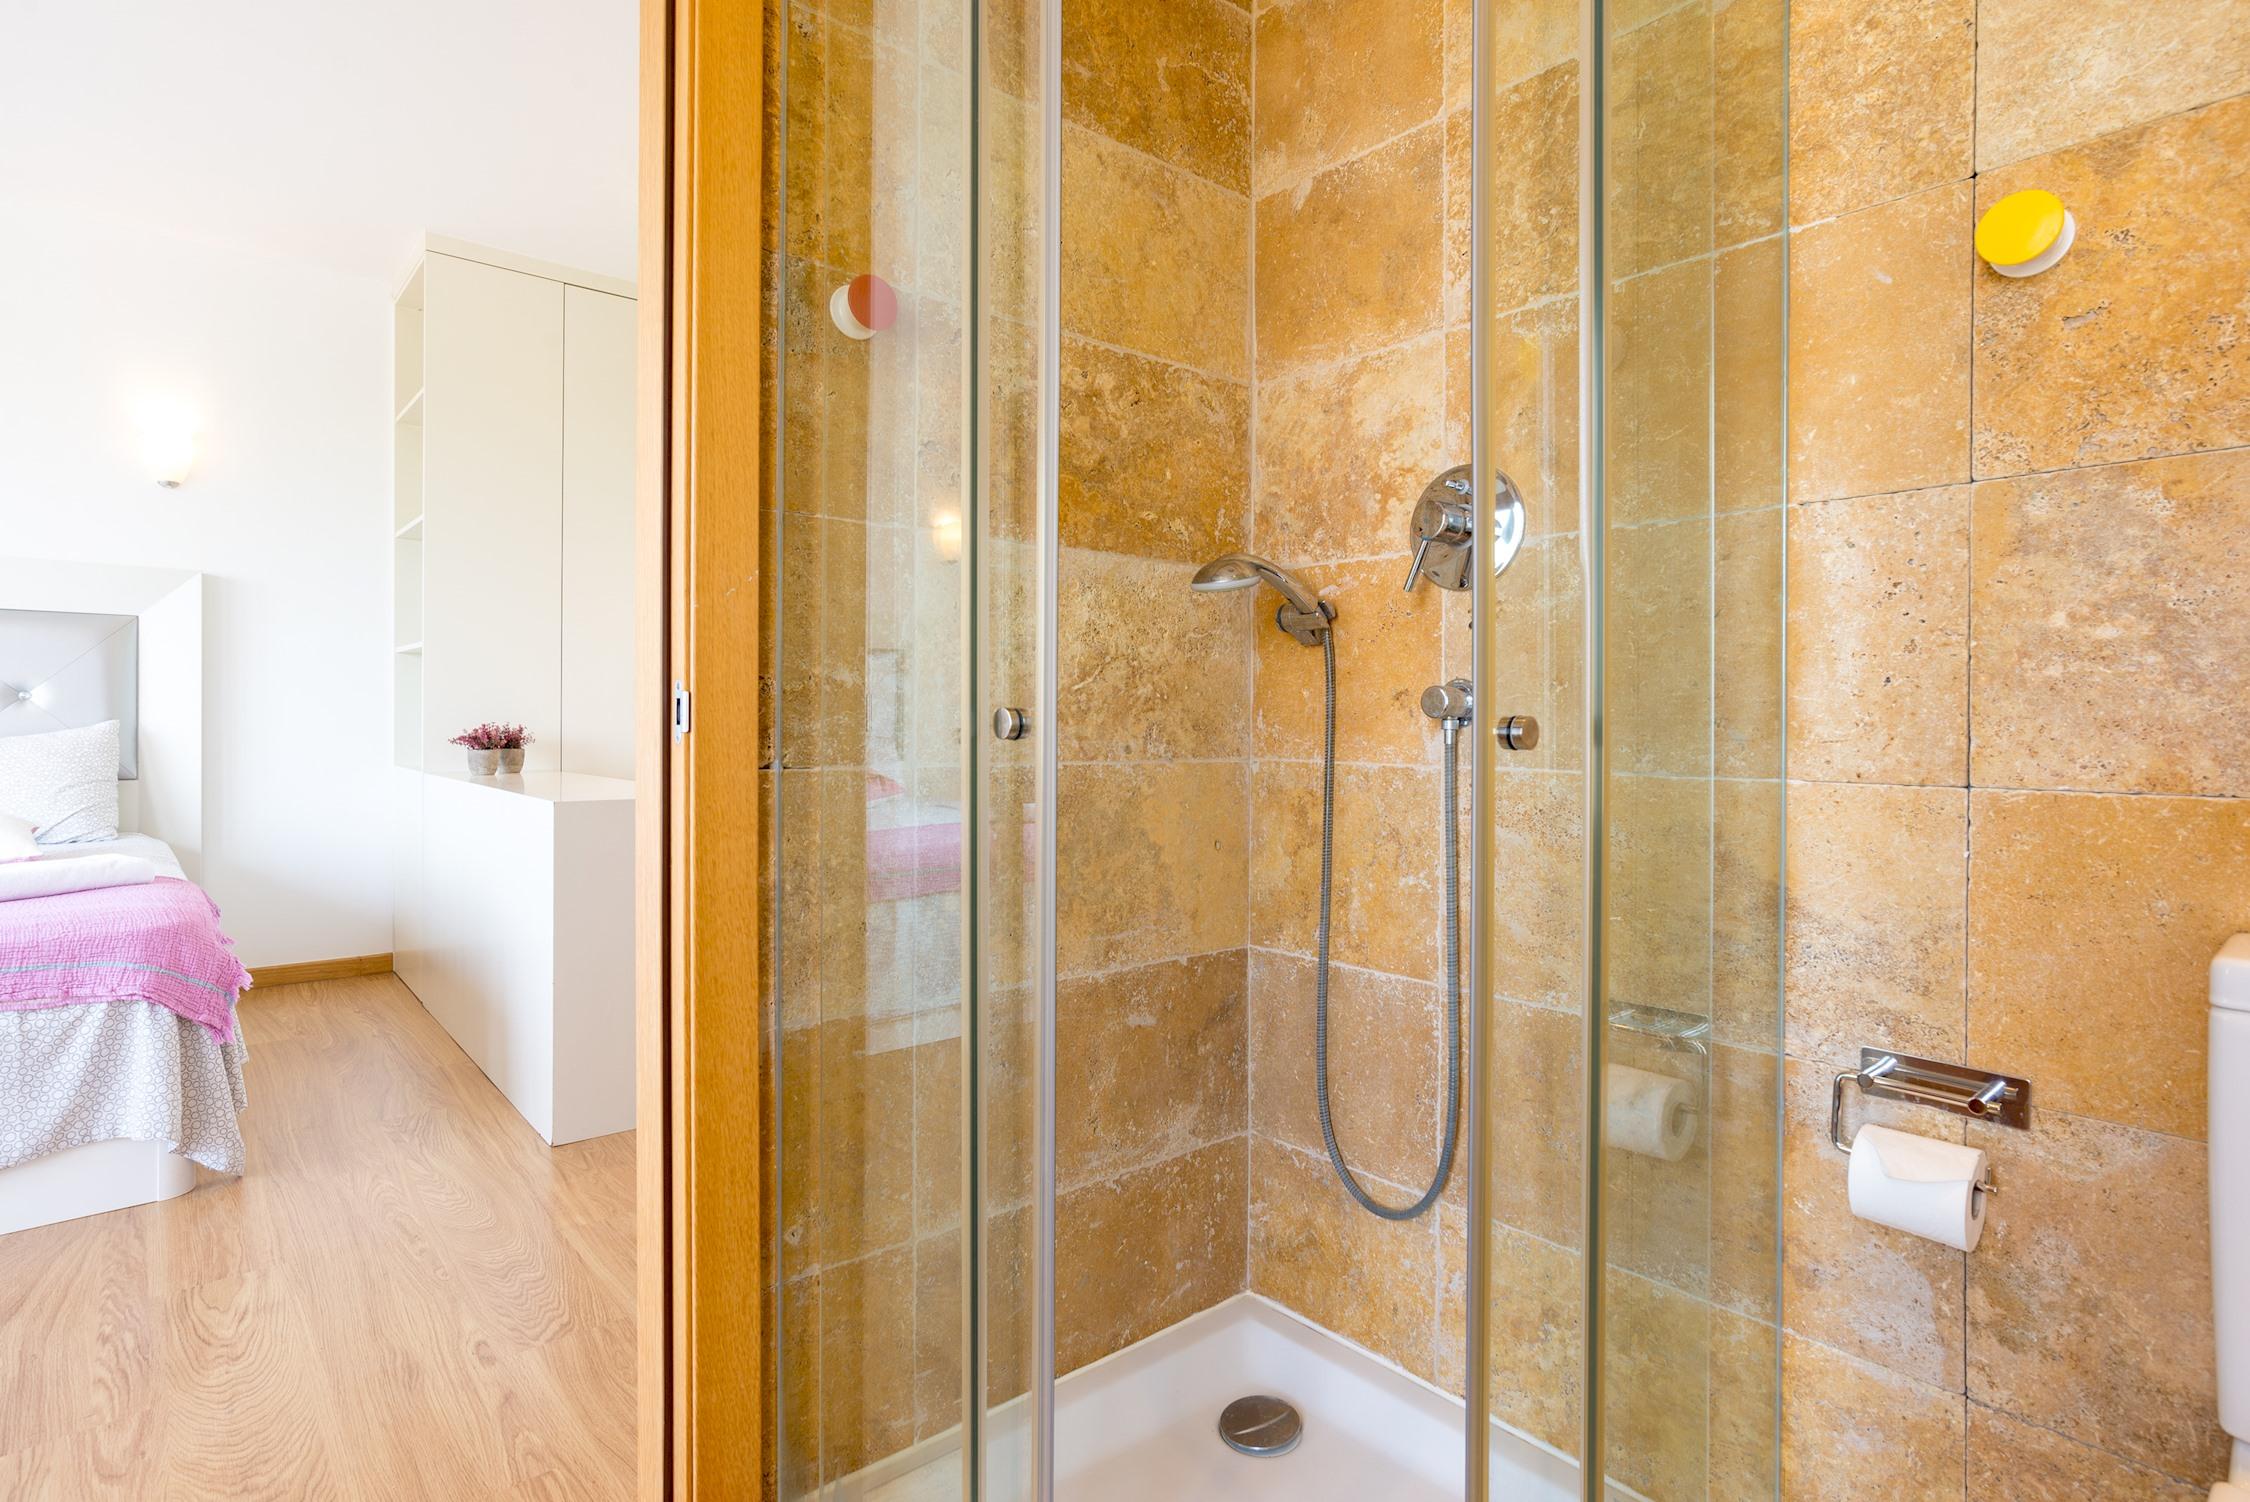 Apartment MalagaSuite Private Deluxe Villa photo 20236419